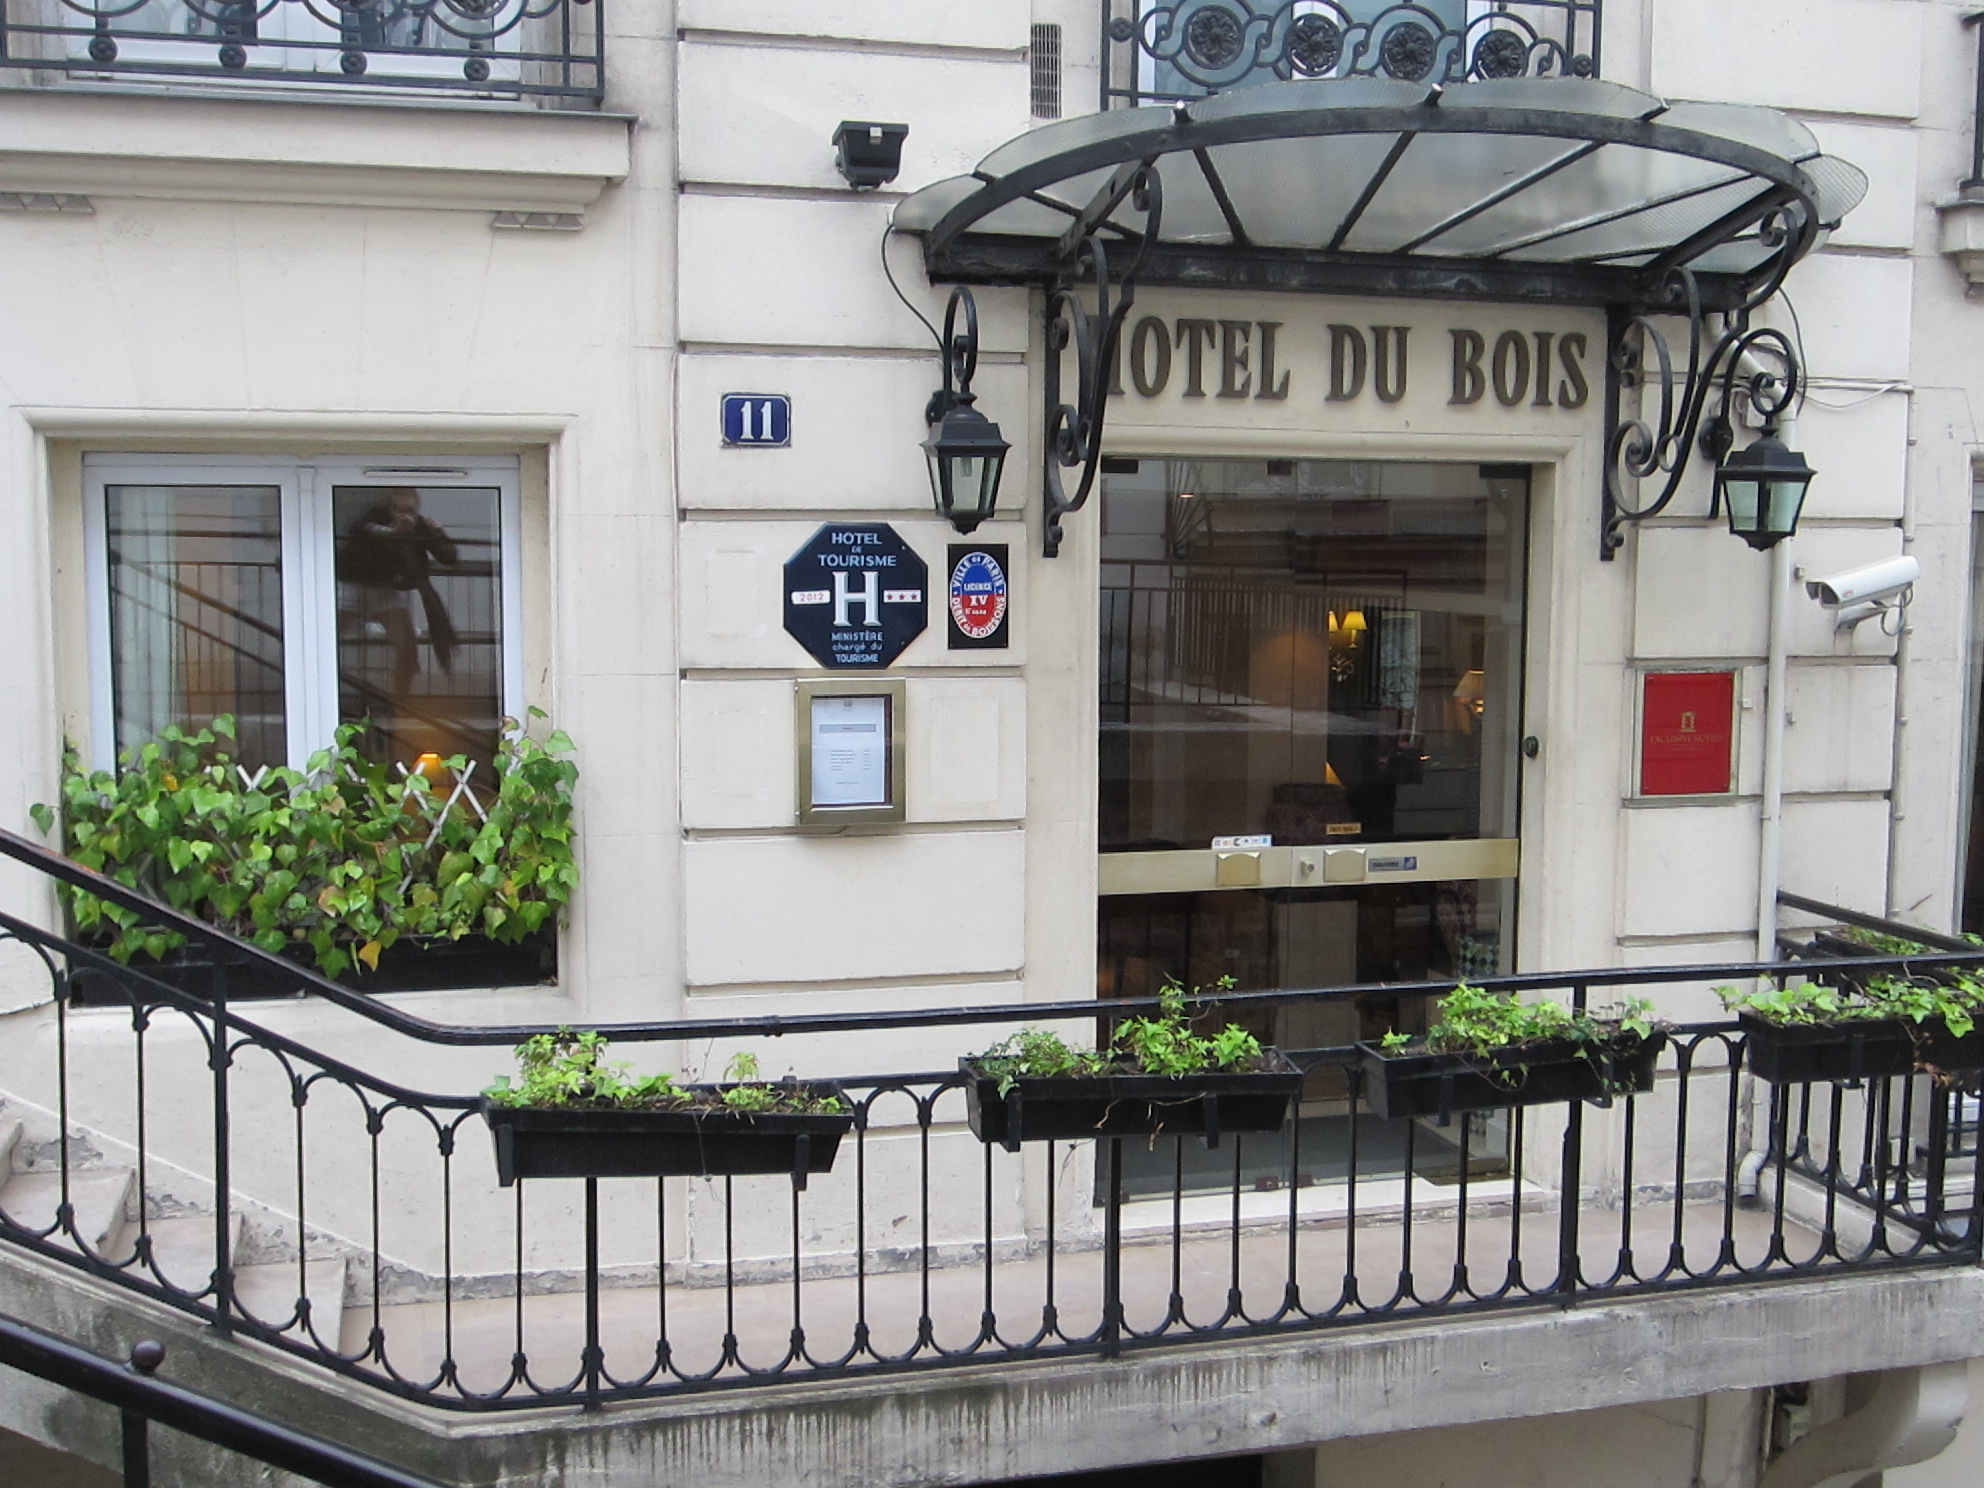 هتل زیبای دو بوا